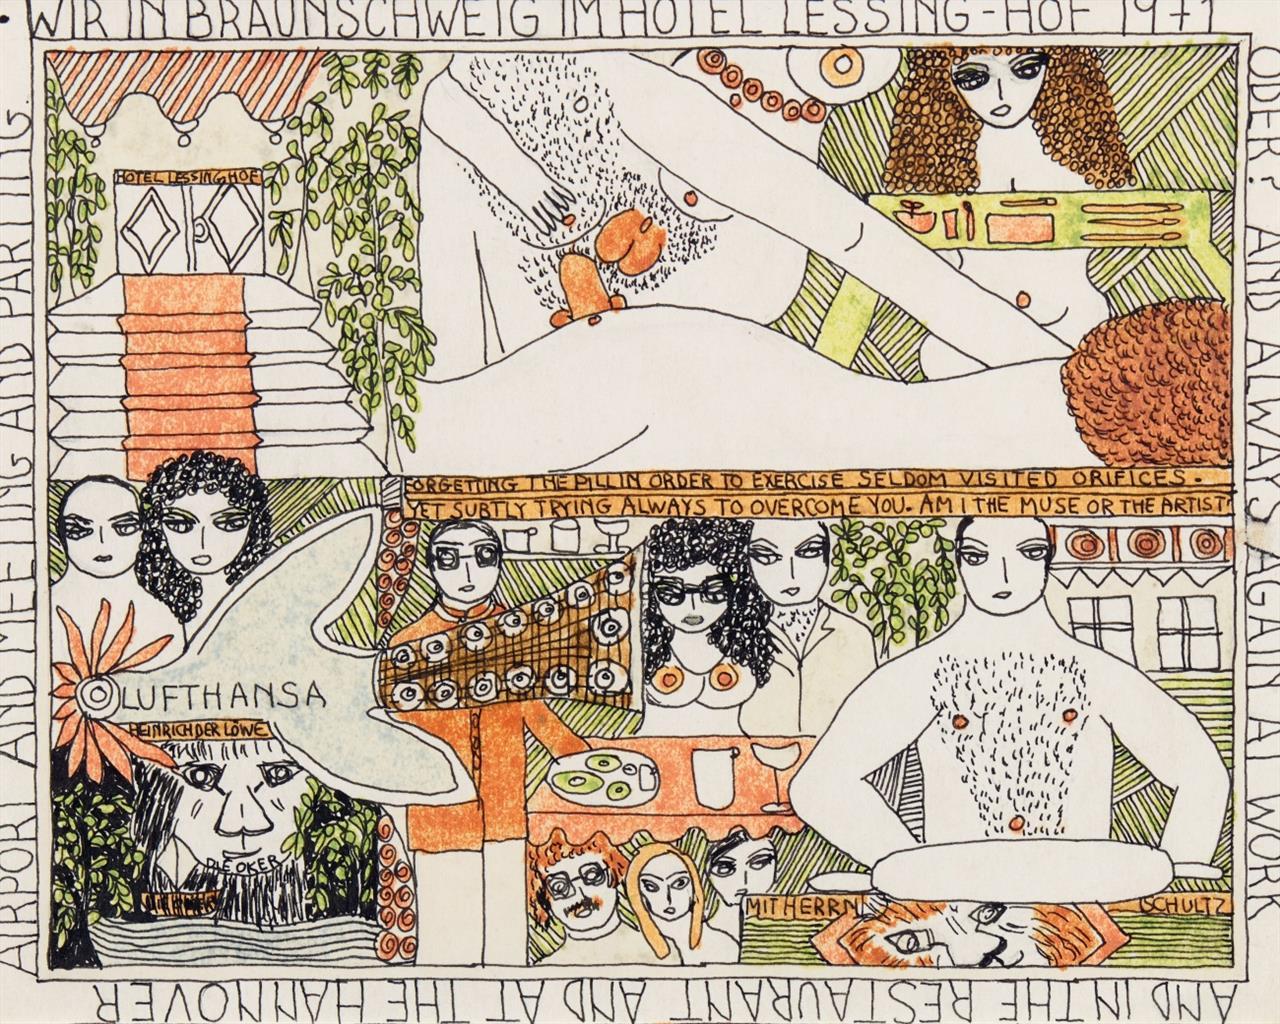 Dorothy Iannone. Wir in Braunschweig im Hotel Lessing-Hof... 1971. Filzstift und schwarzer Fineliner.